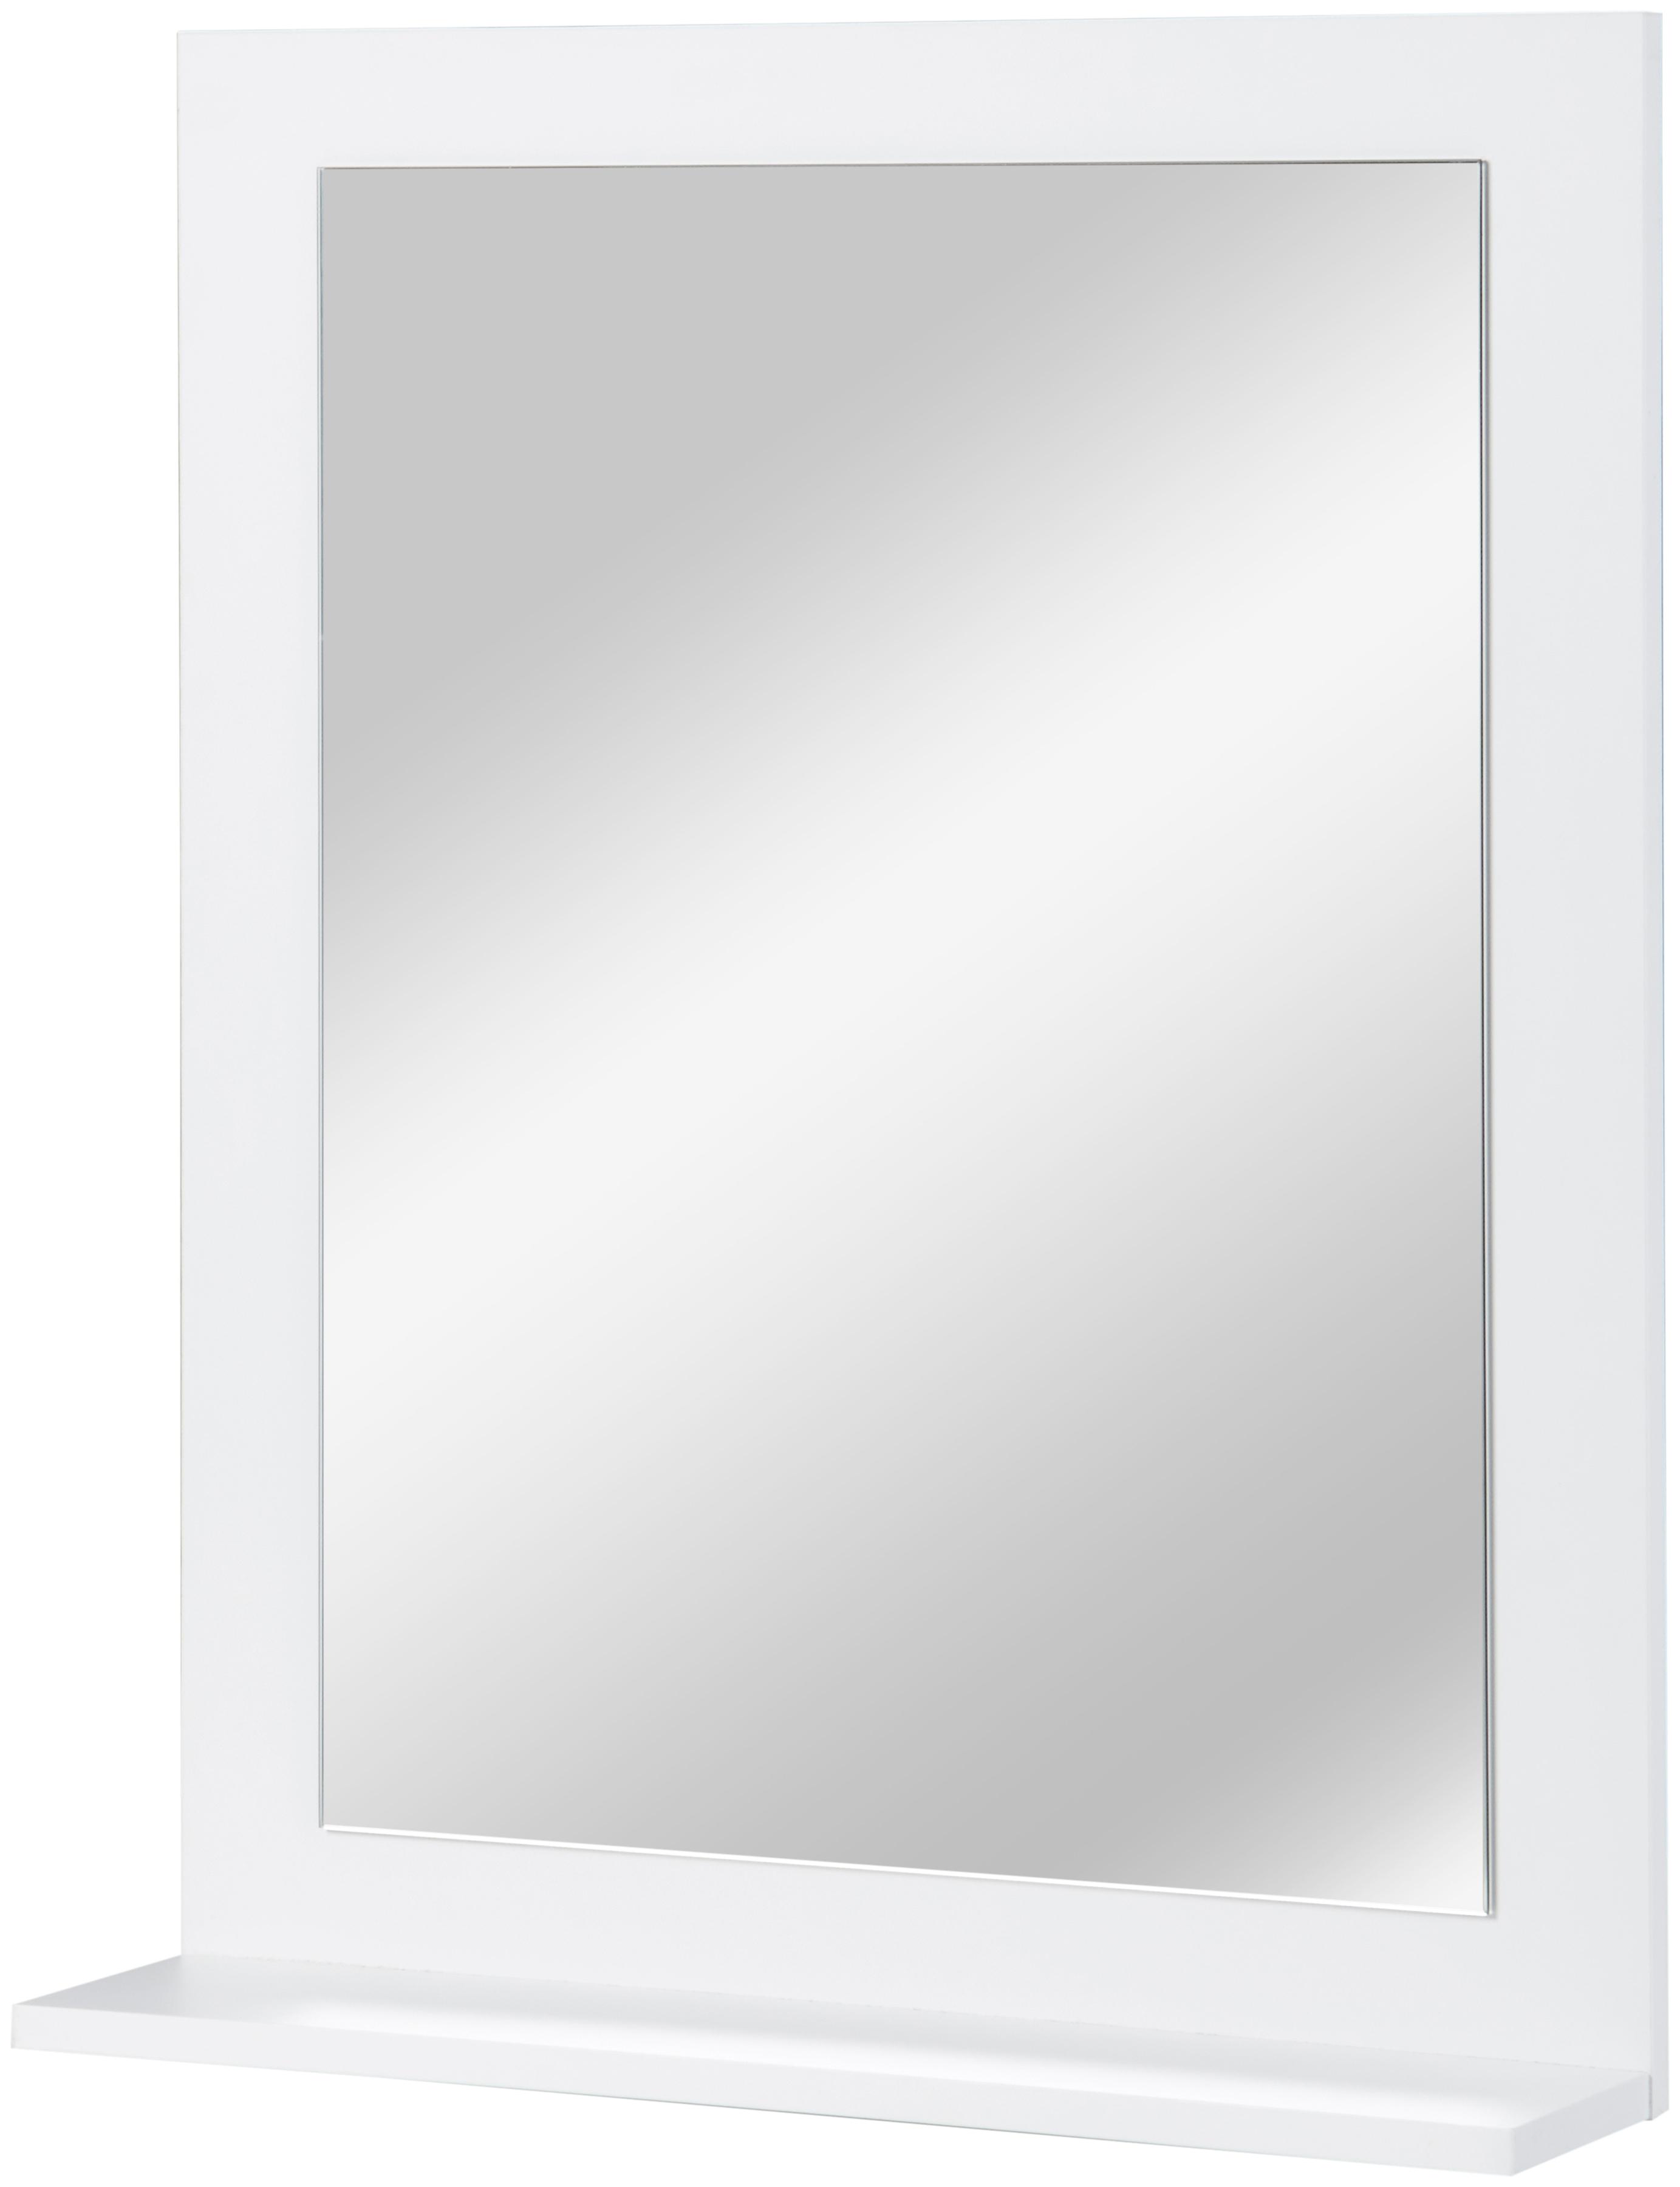 Image of Badspiegel »Baja«, 58,5 cm breit, mit Ablage